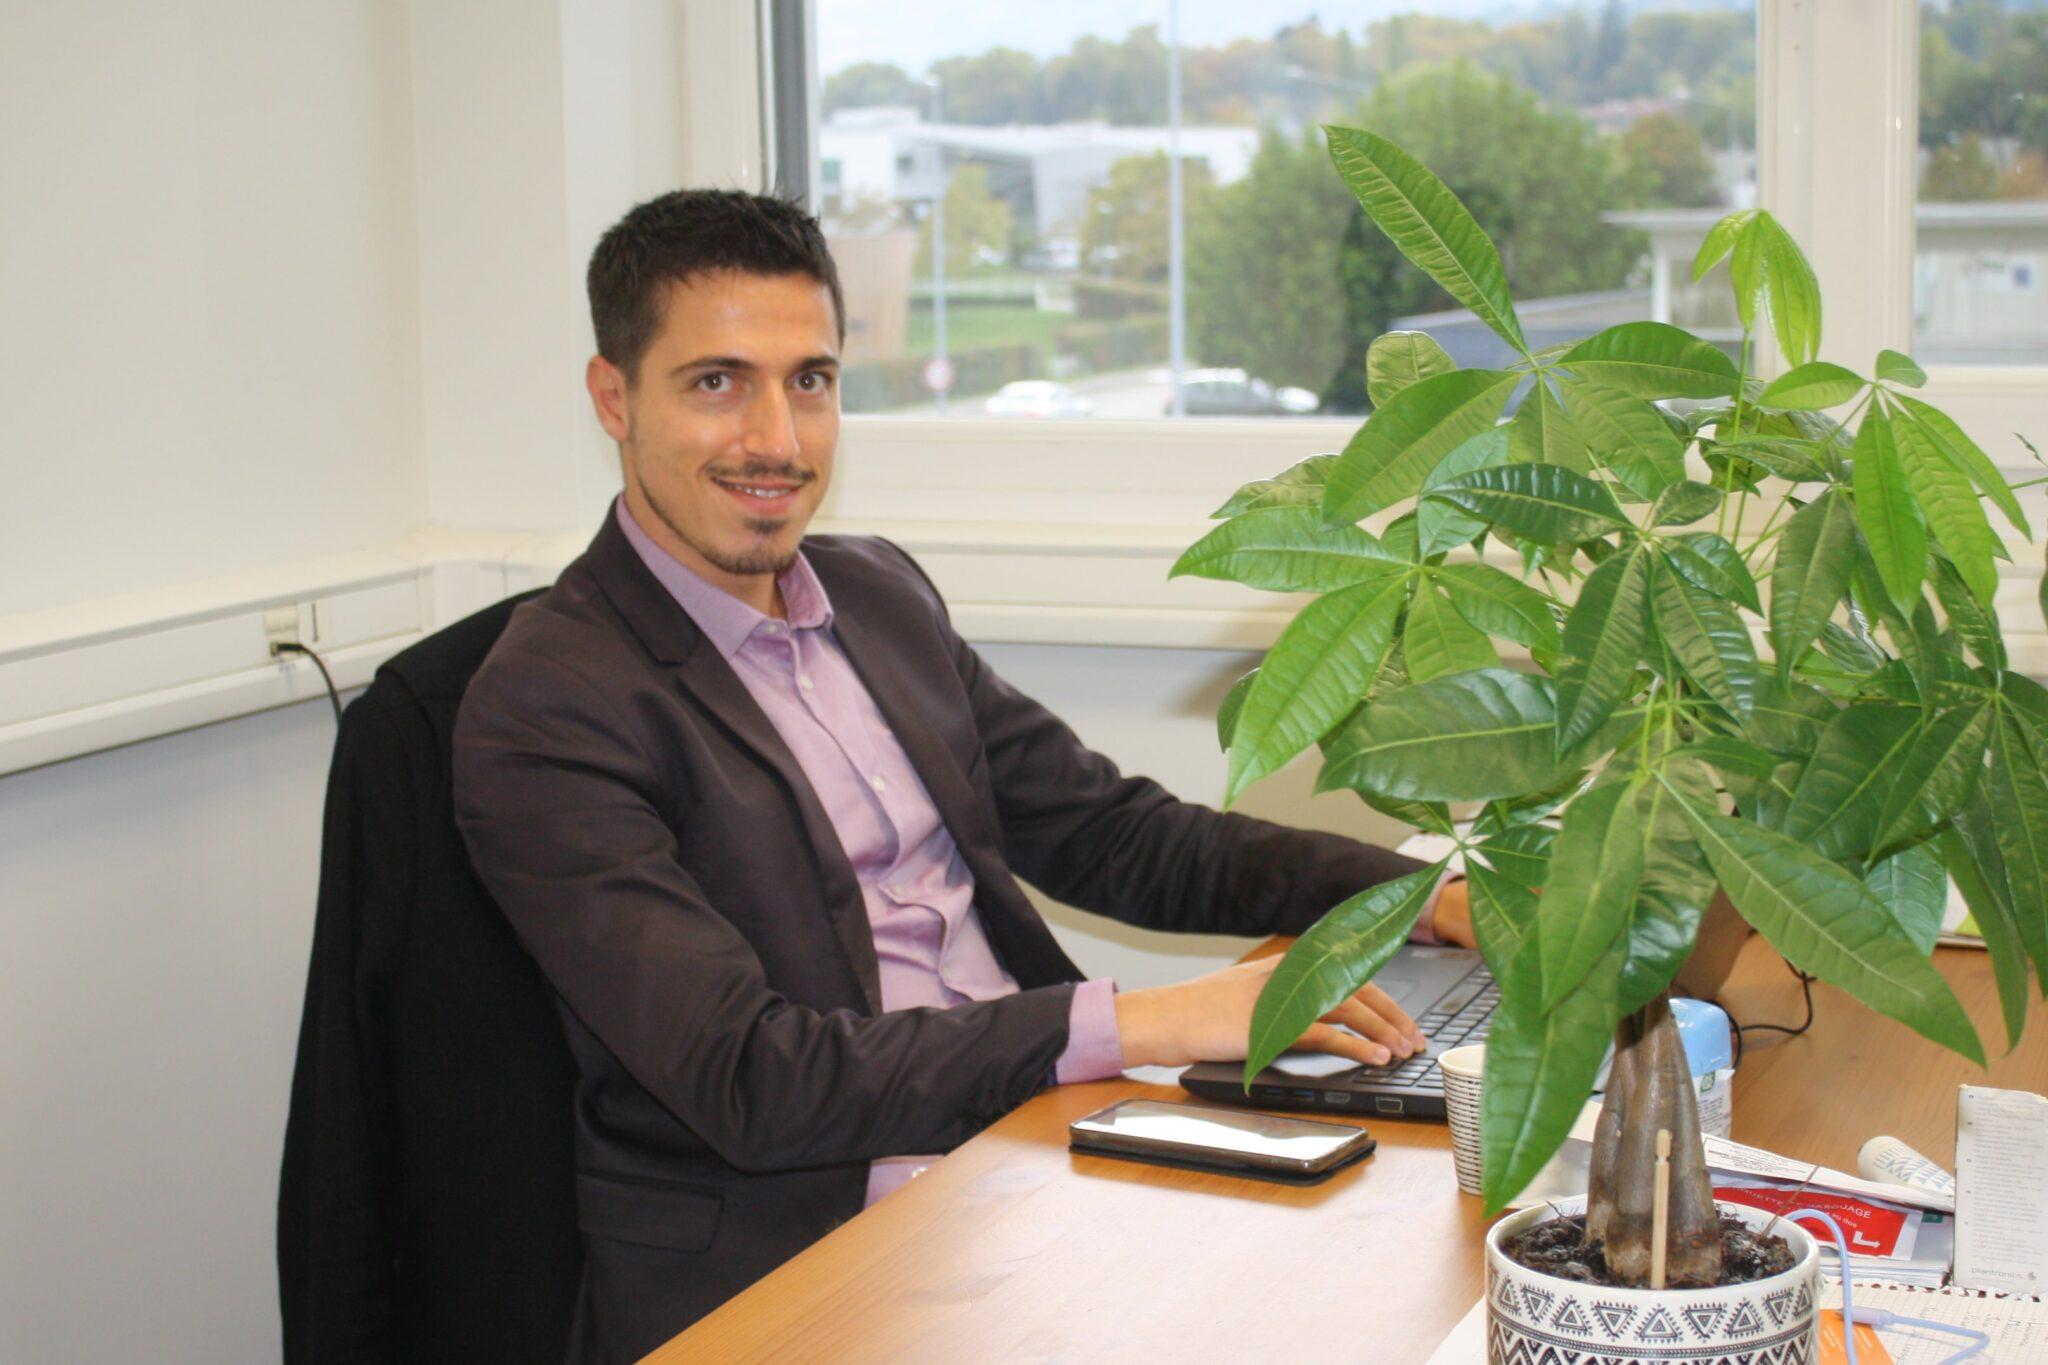 Avec sa suite logicielle tout-en-un, Courtisia, Fletesia accompagne les courtiers en crédits sur tous les marchés: immobilier, professionnels et regroupement de crédits